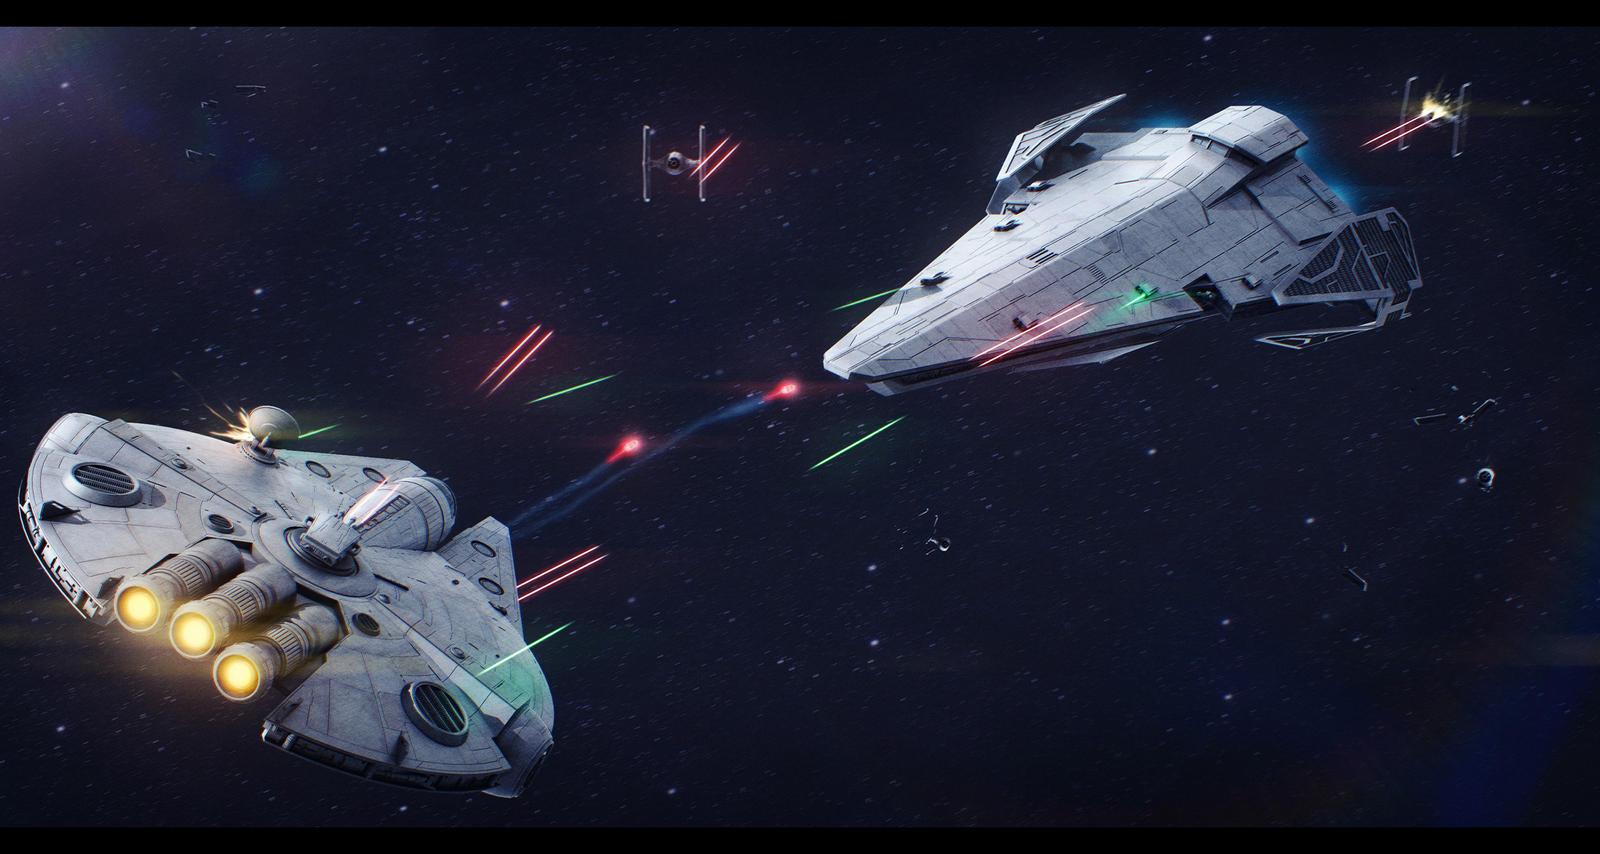 Star Wars - Saracen Saber running the blockade by AdamKop